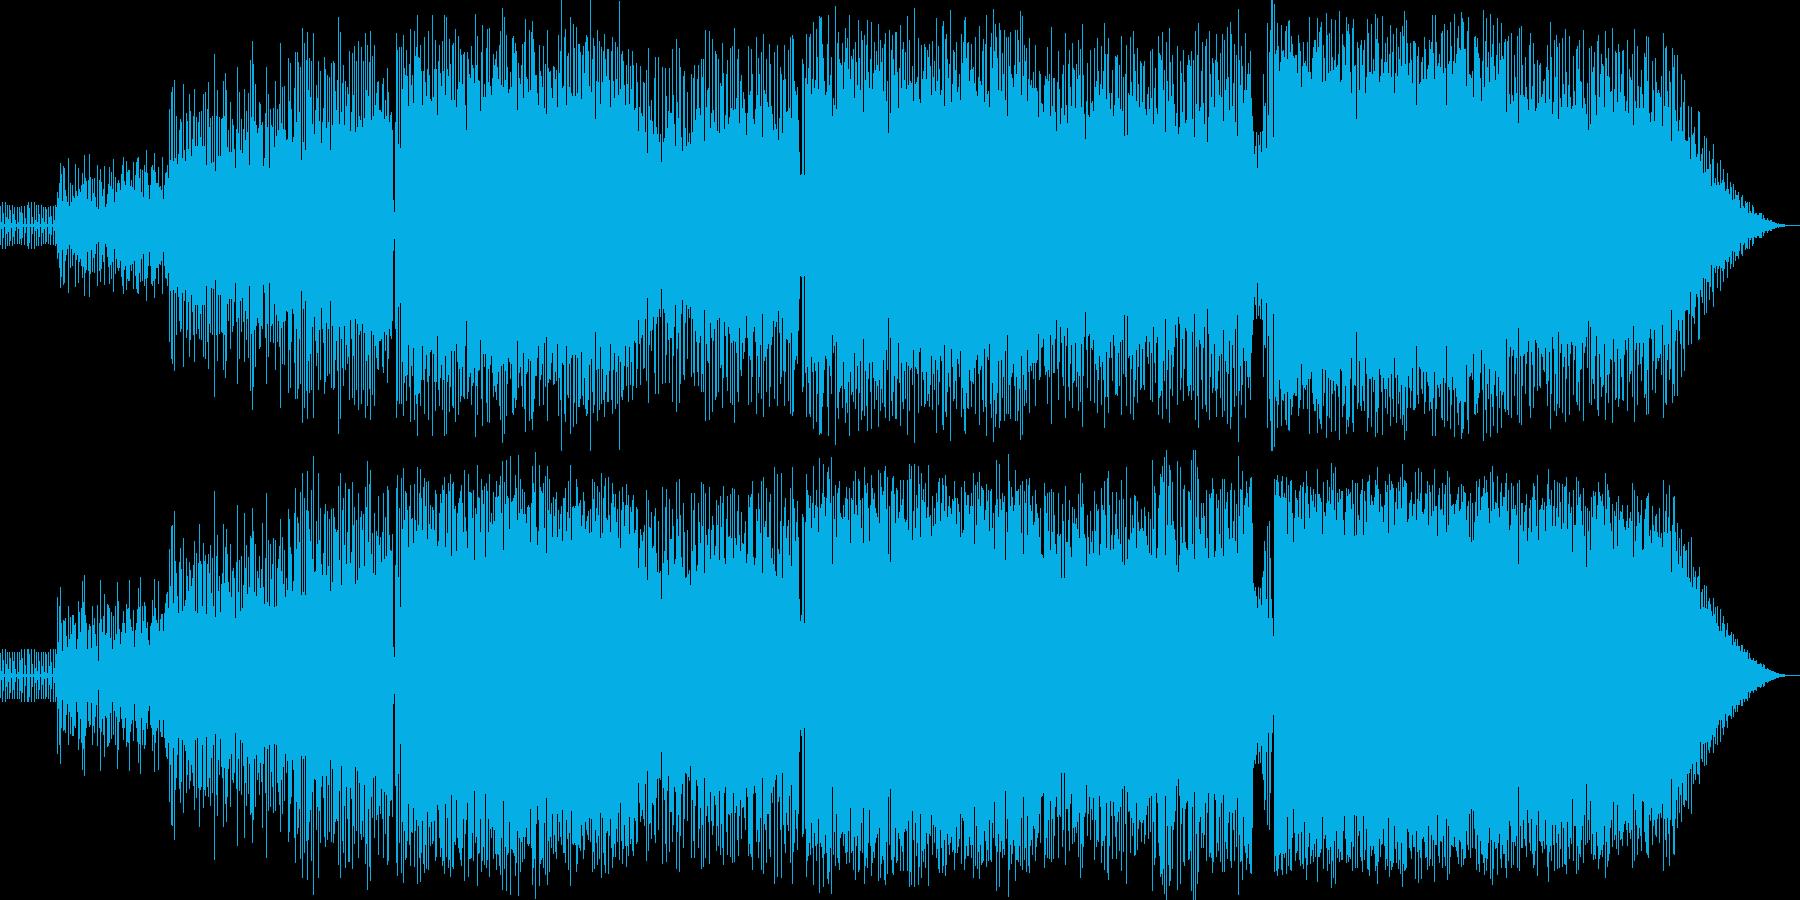 シンセの旋律が印象的なダンス系BGMの再生済みの波形